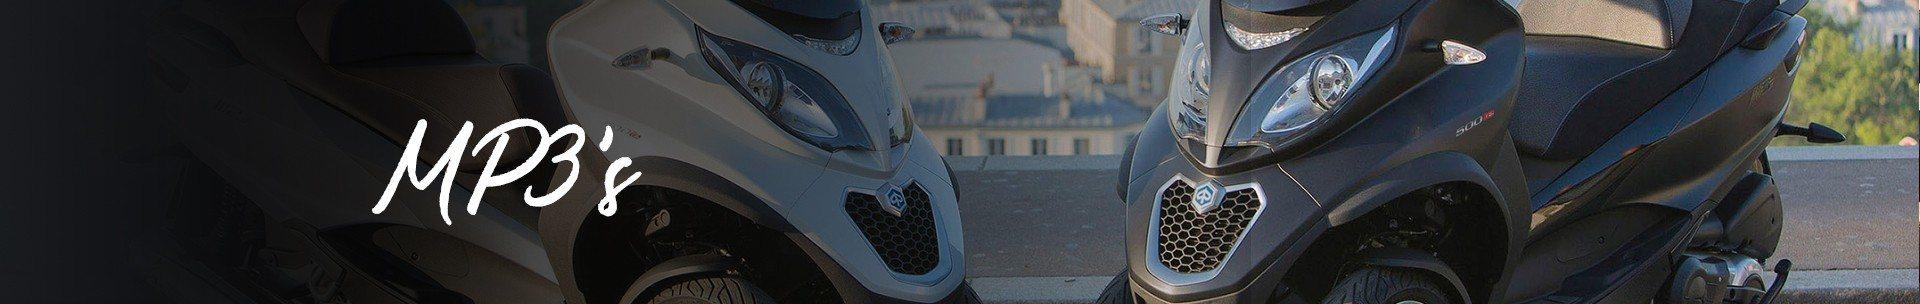 Piaggio MP3-motorscooter informatie